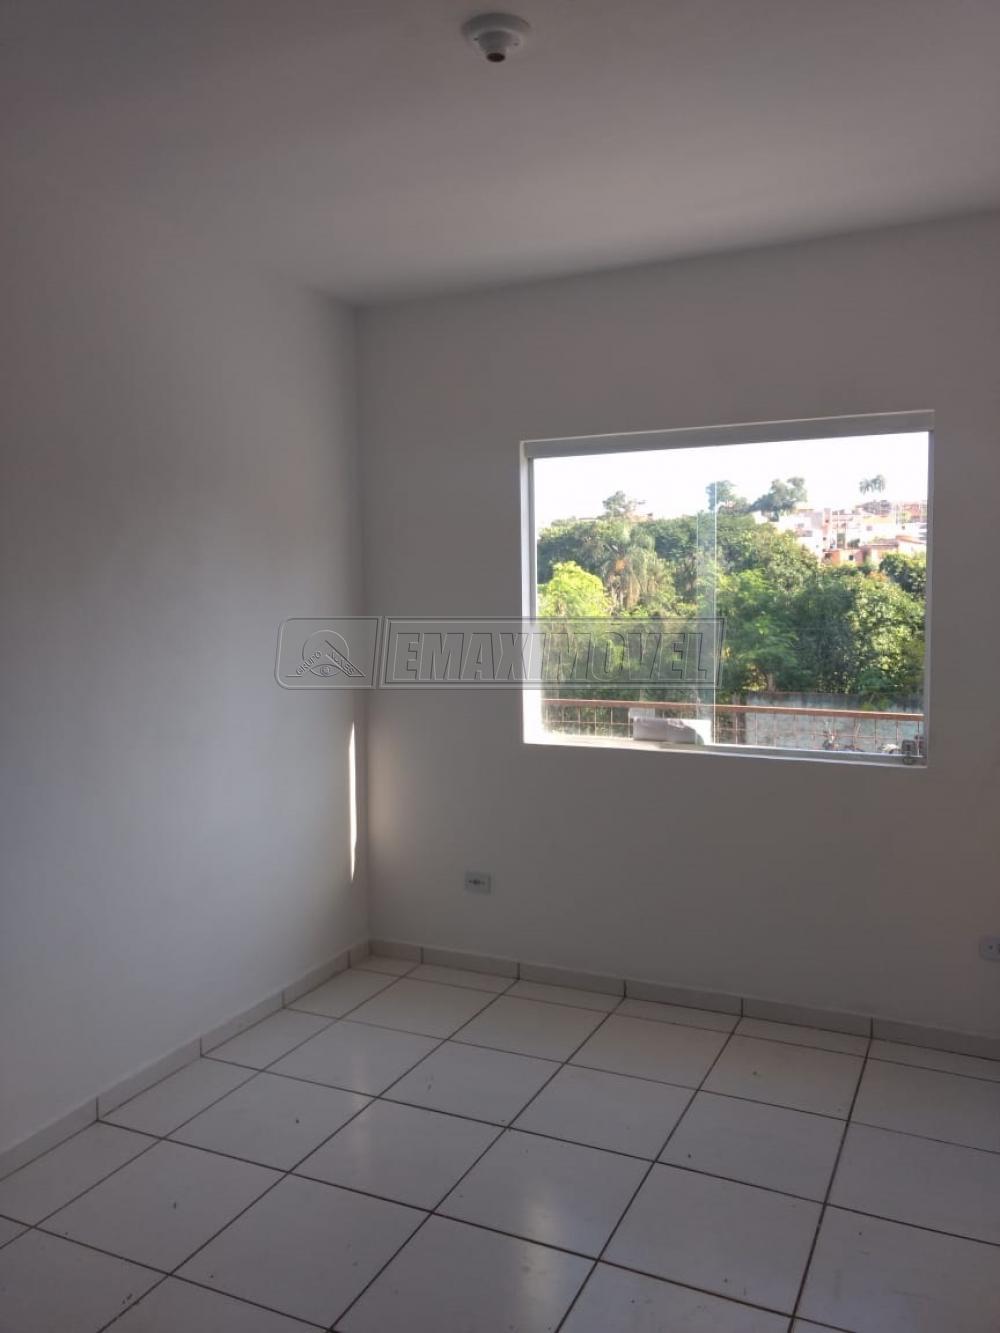 Alugar Apartamento / Padrão em Sorocaba R$ 750,00 - Foto 5